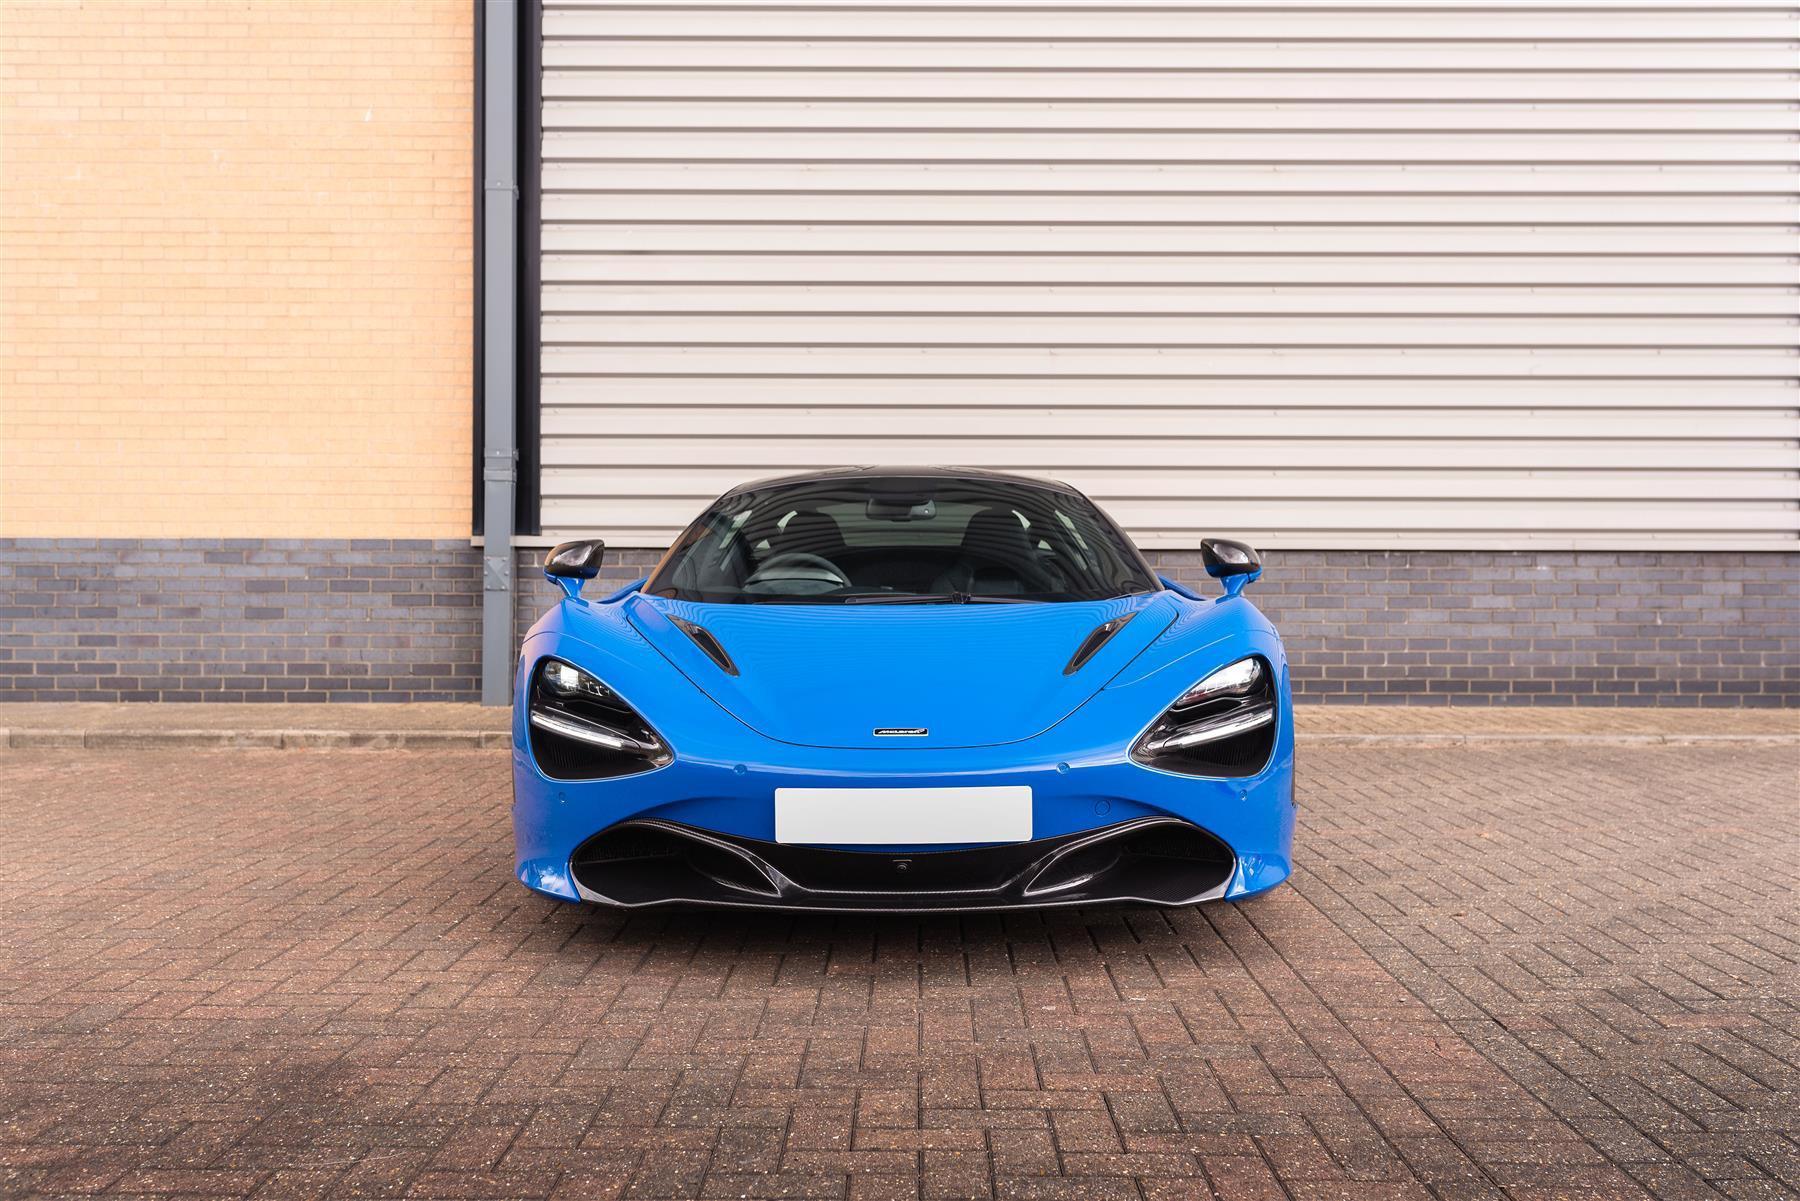 McLaren_720S_Mike_Flewitt-0002